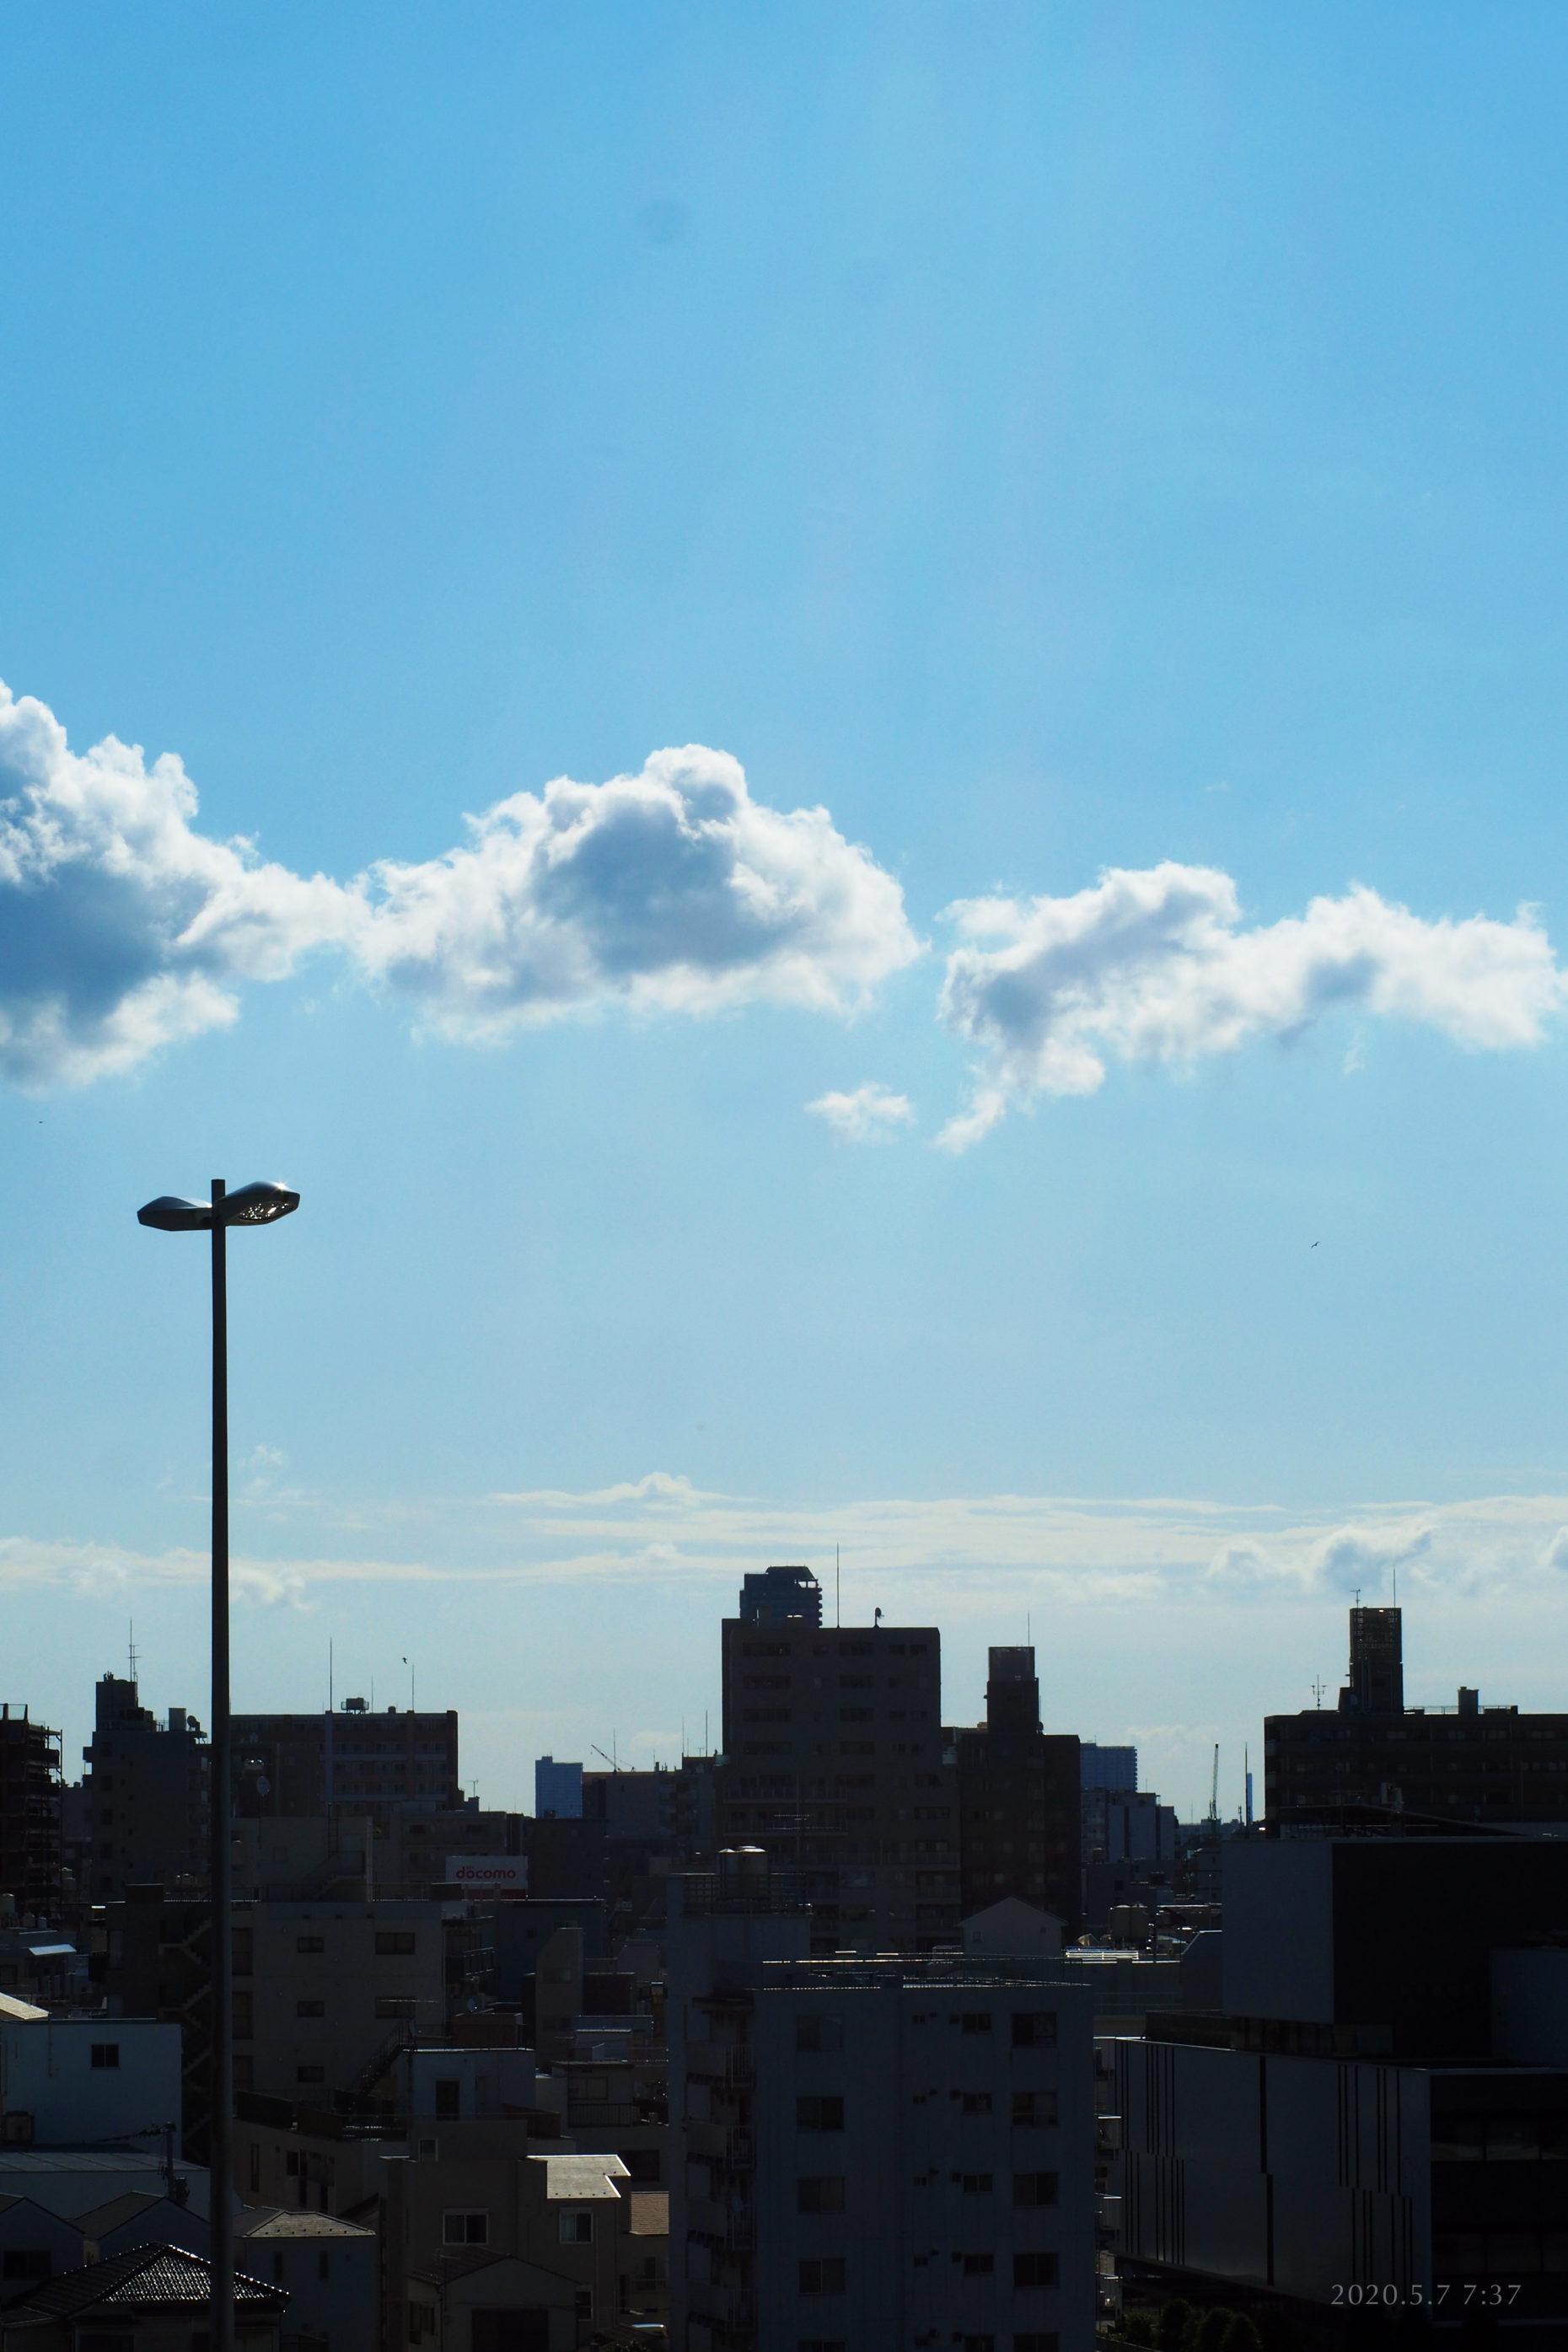 My skies 2020.5.7